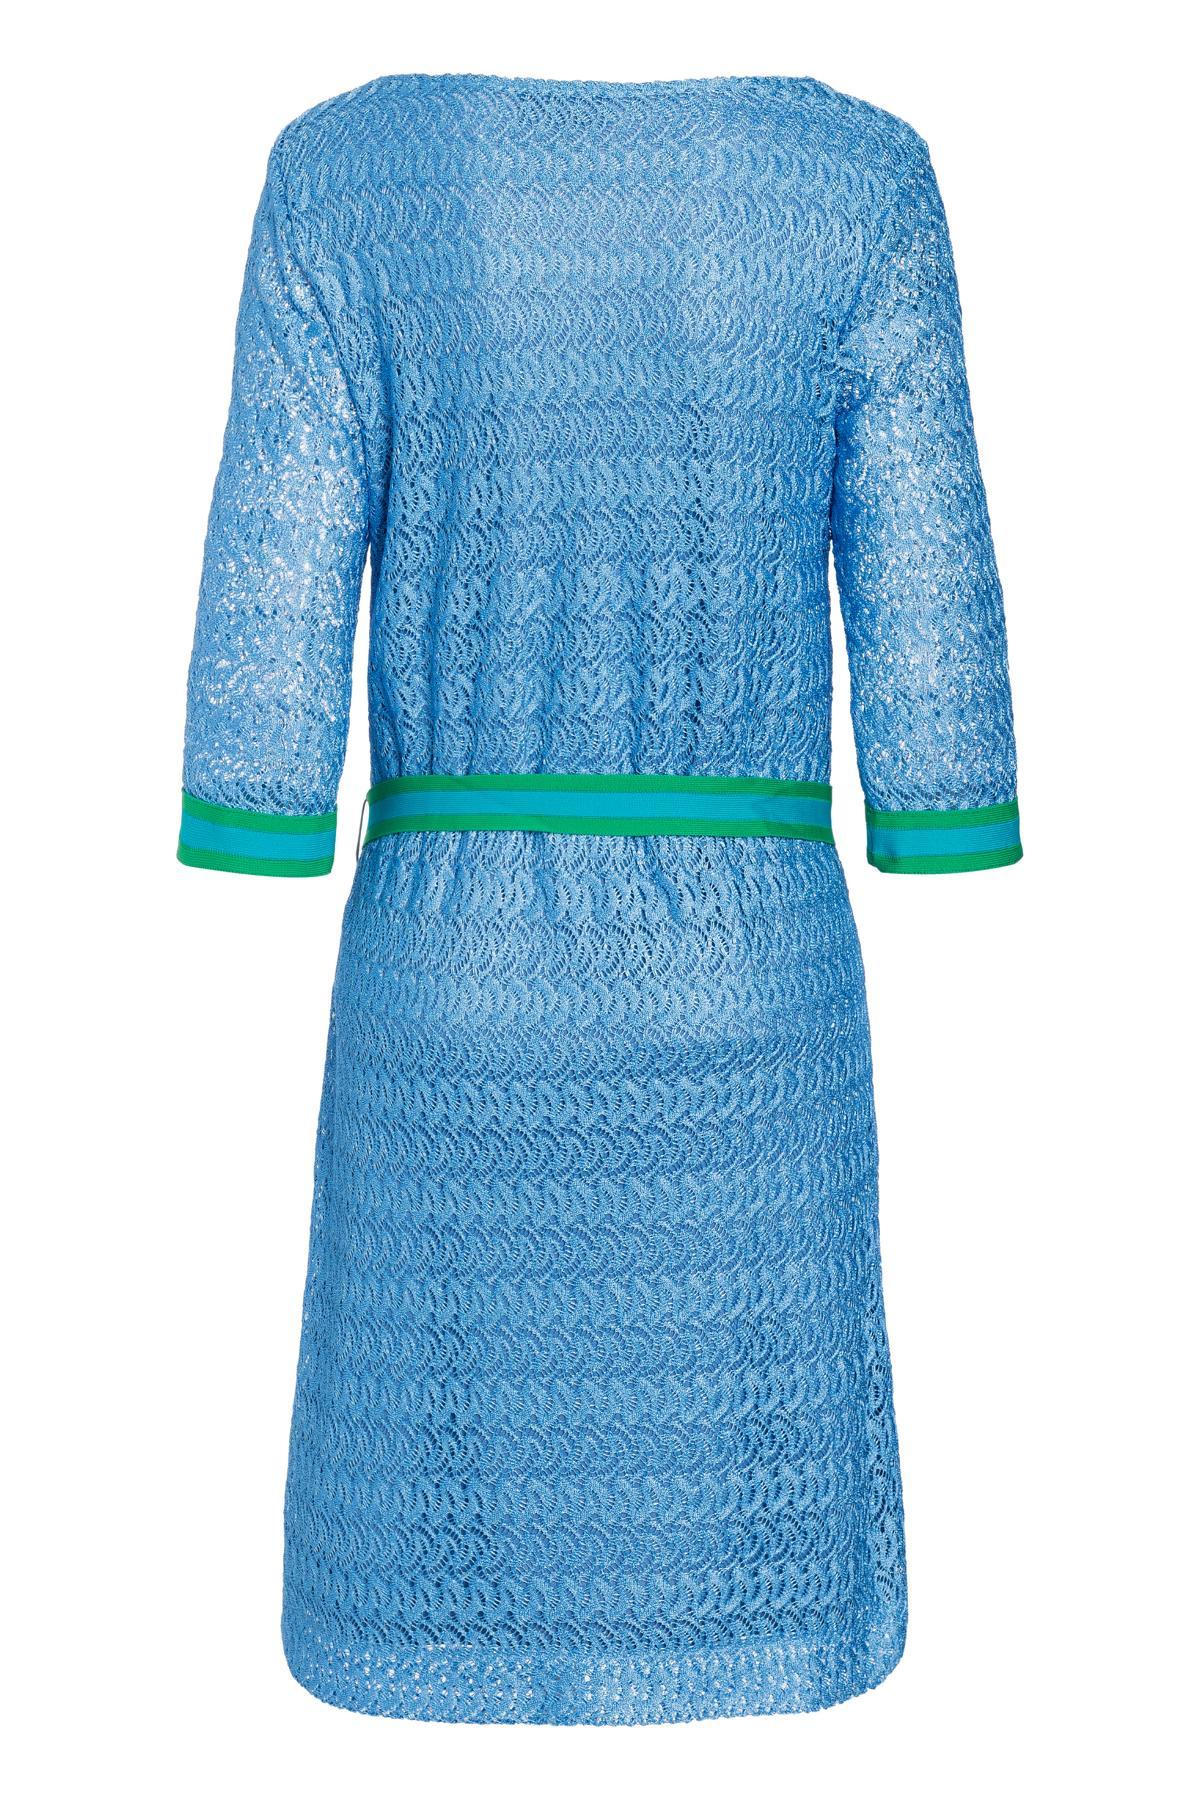 Detailansicht 2 von Ana Alcazar Gürtel Kleid Sisofe